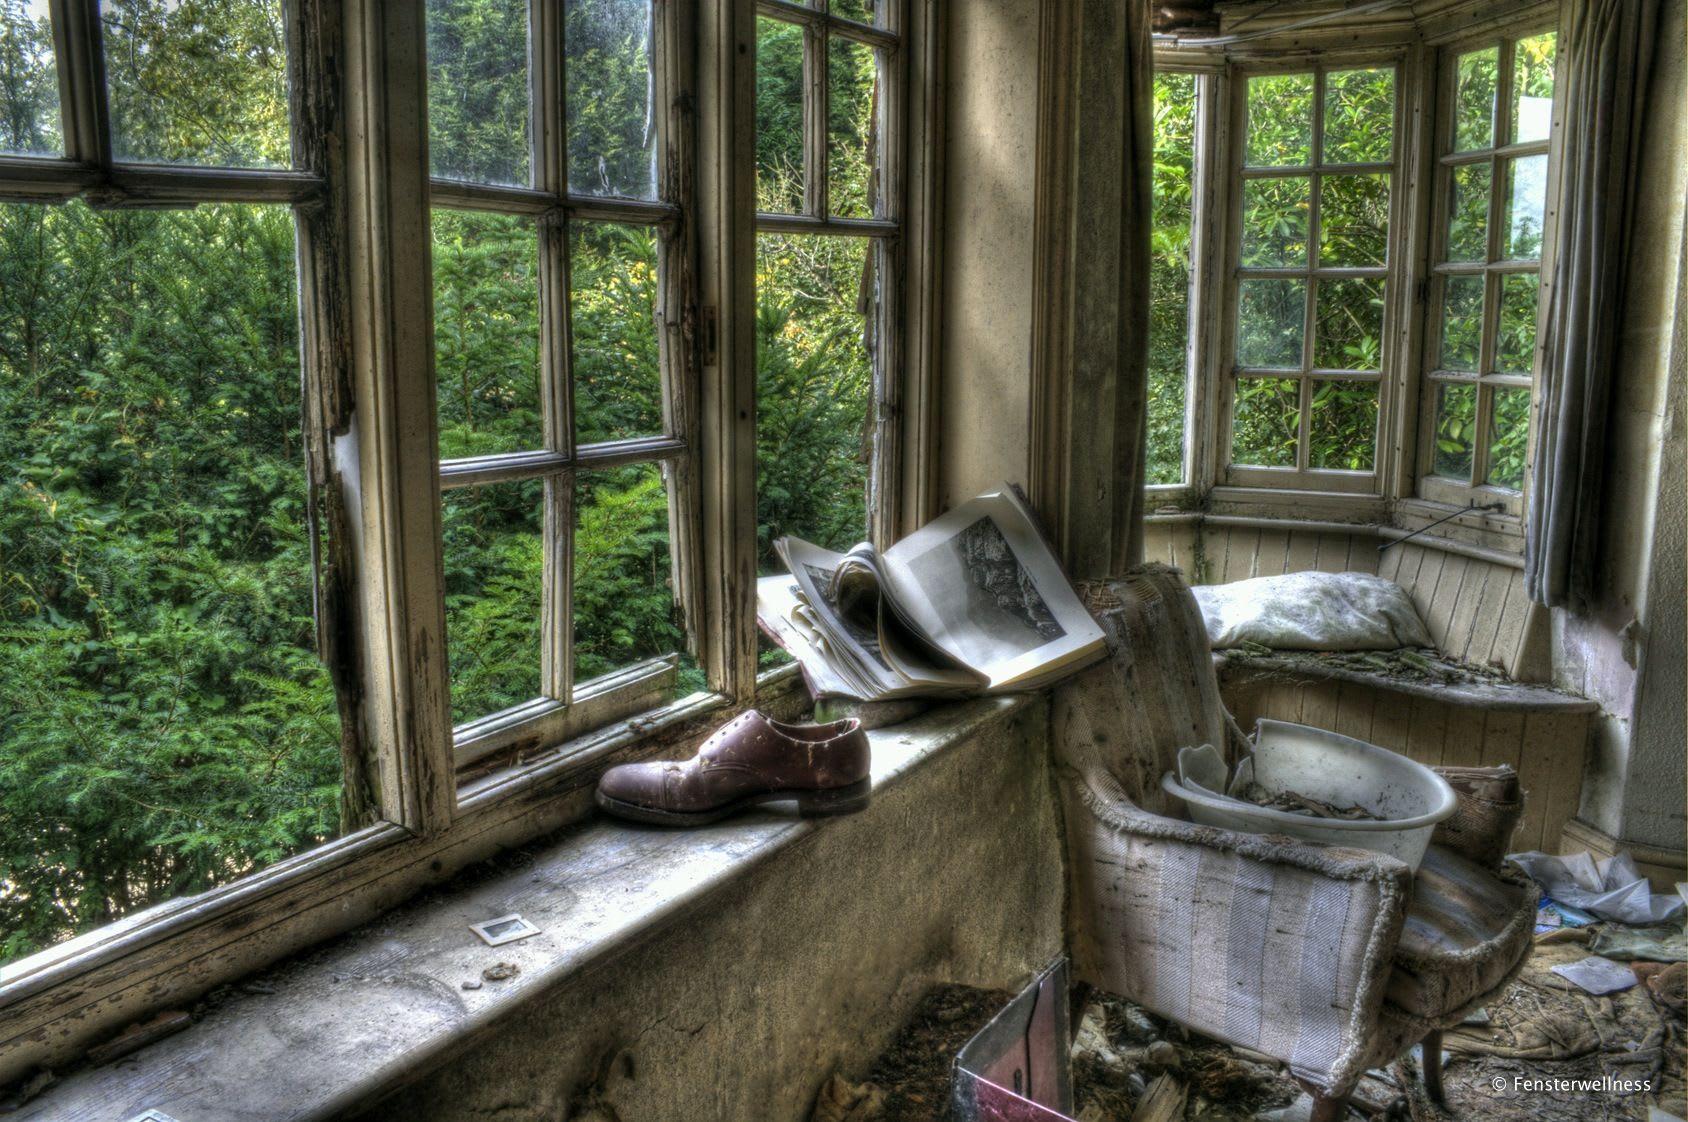 Raum mit alten, kaputten Holzfenstern